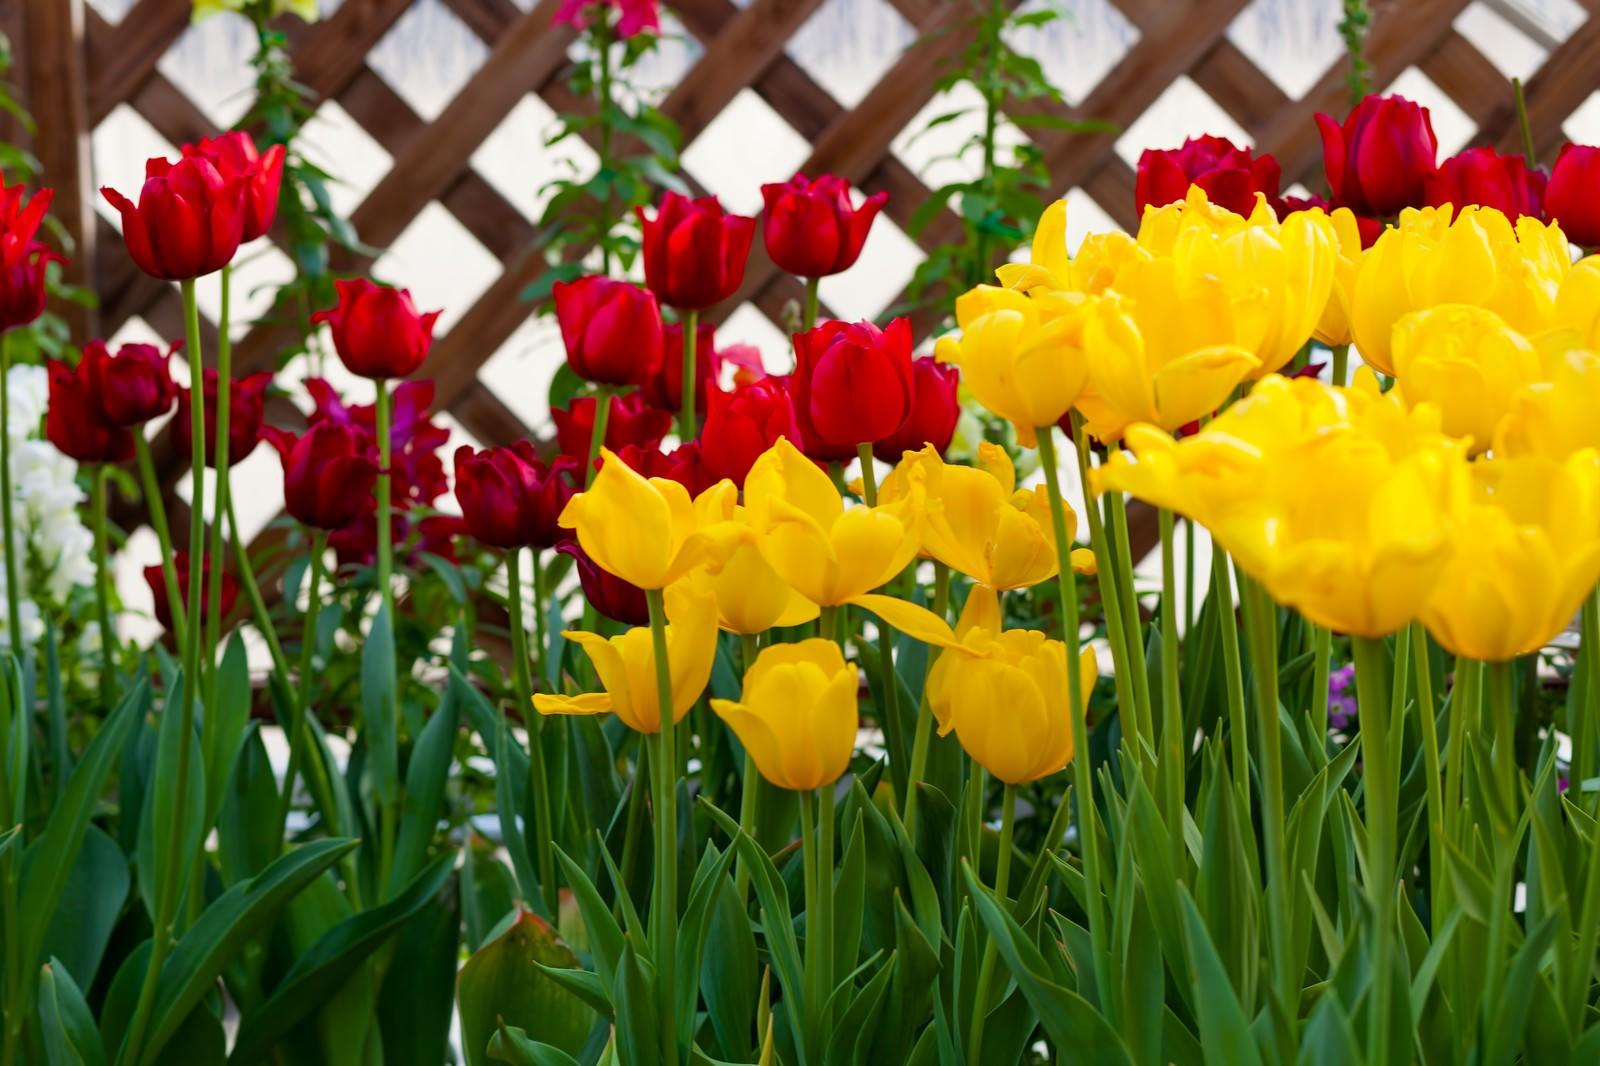 「赤と黄色のチューリップ」の写真